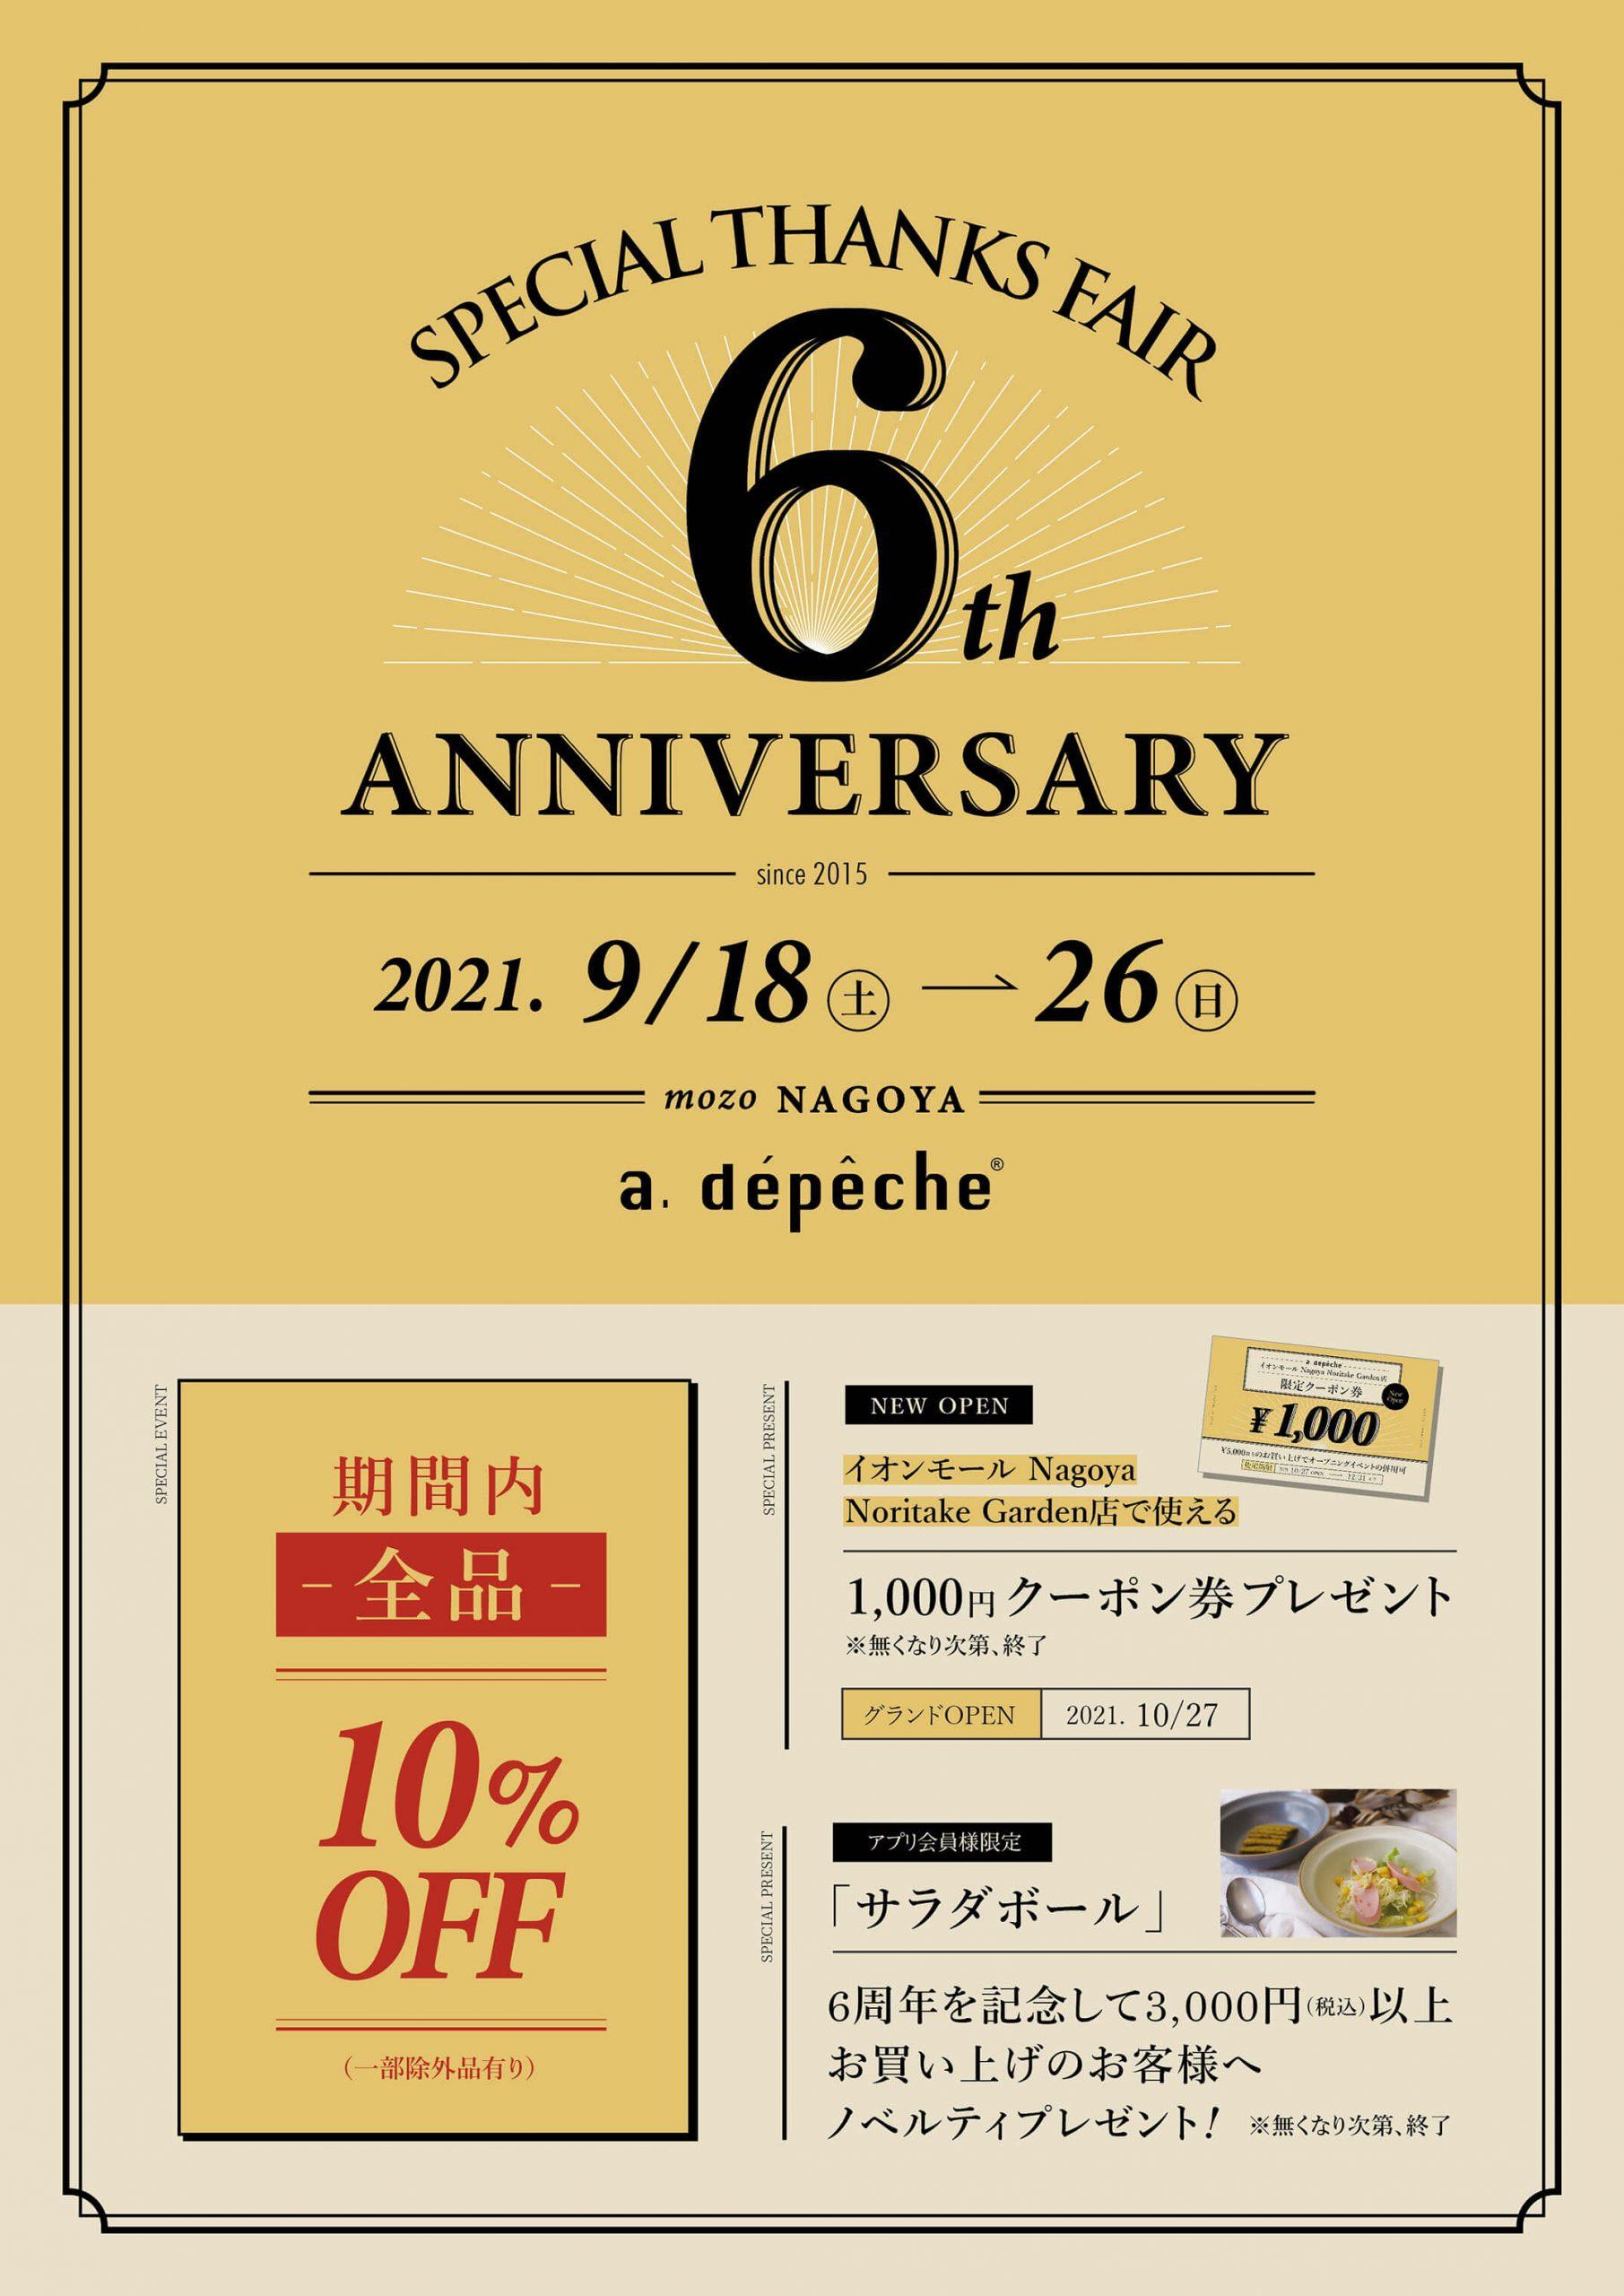 アデペシュ名古屋店6周年祭